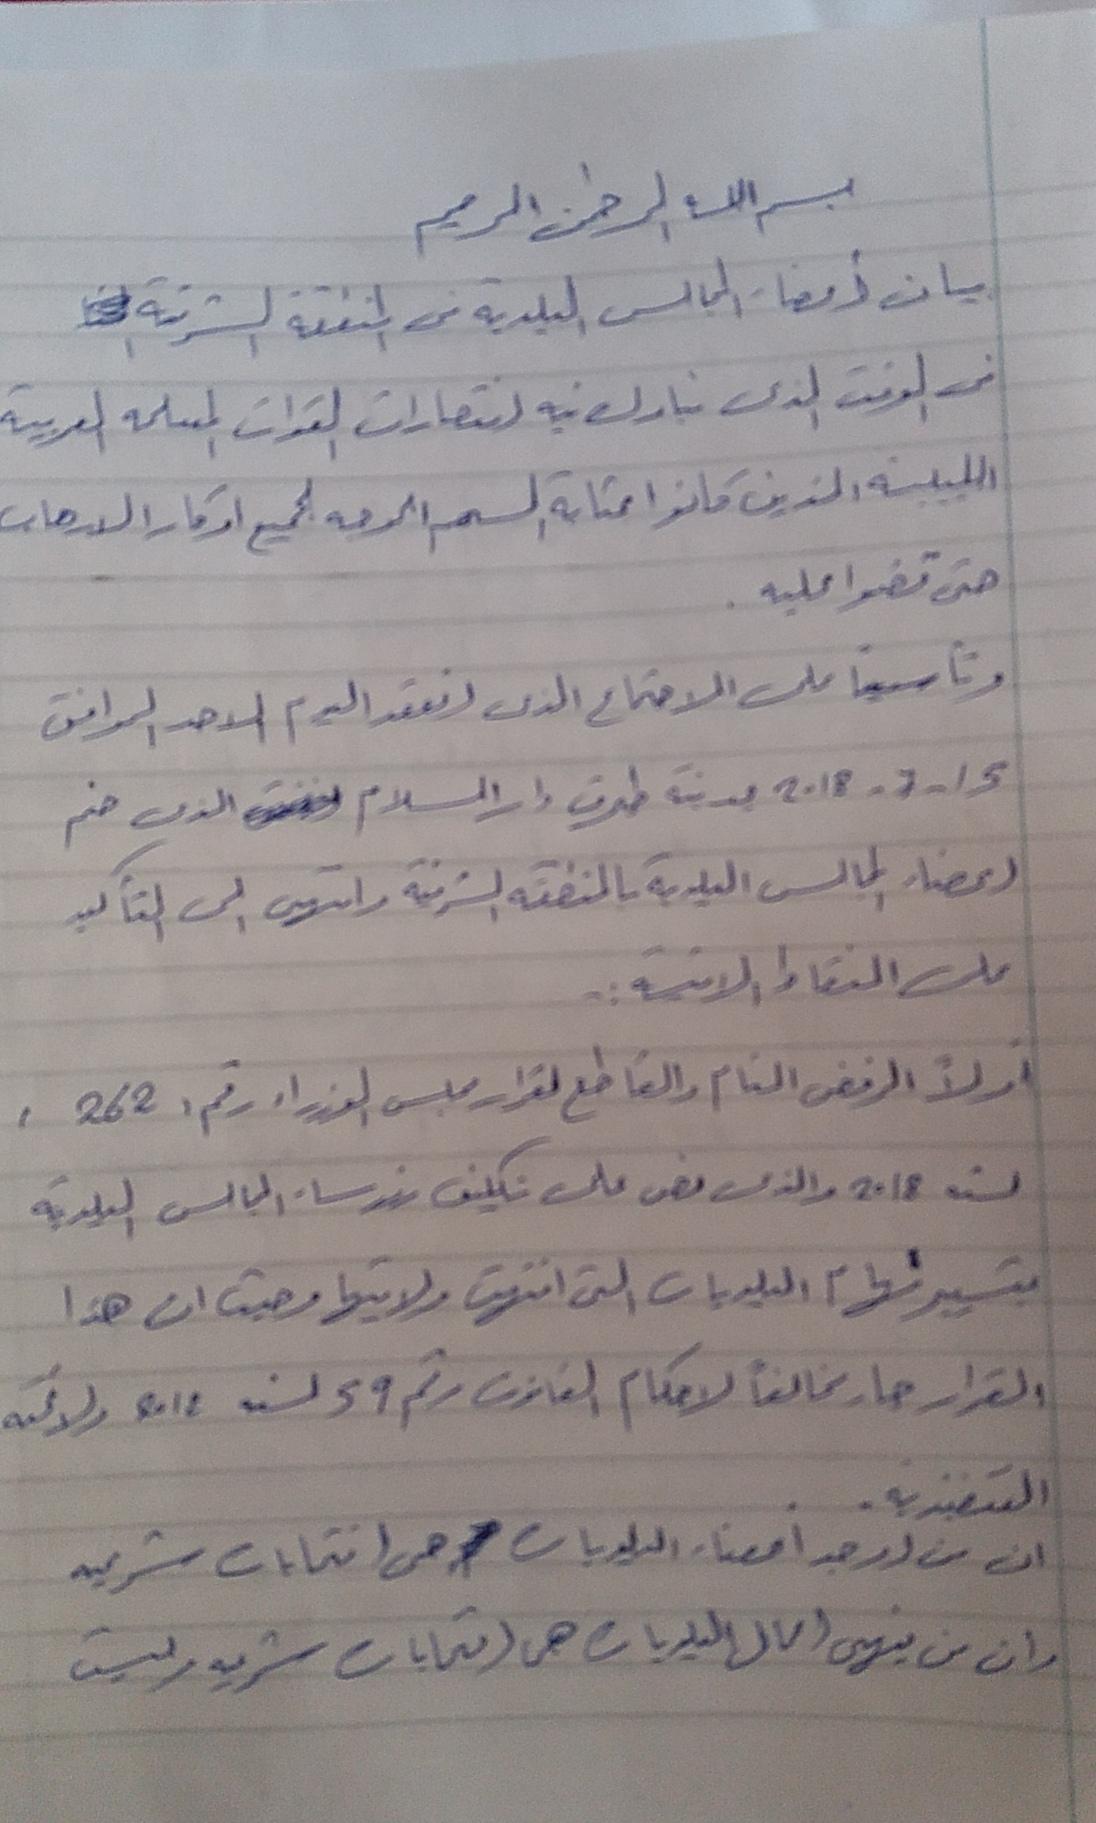 16 من بلديات المنطقة الشرقية ترفض قرار الثني بحلها وتعتبره مخالفاً للقانون